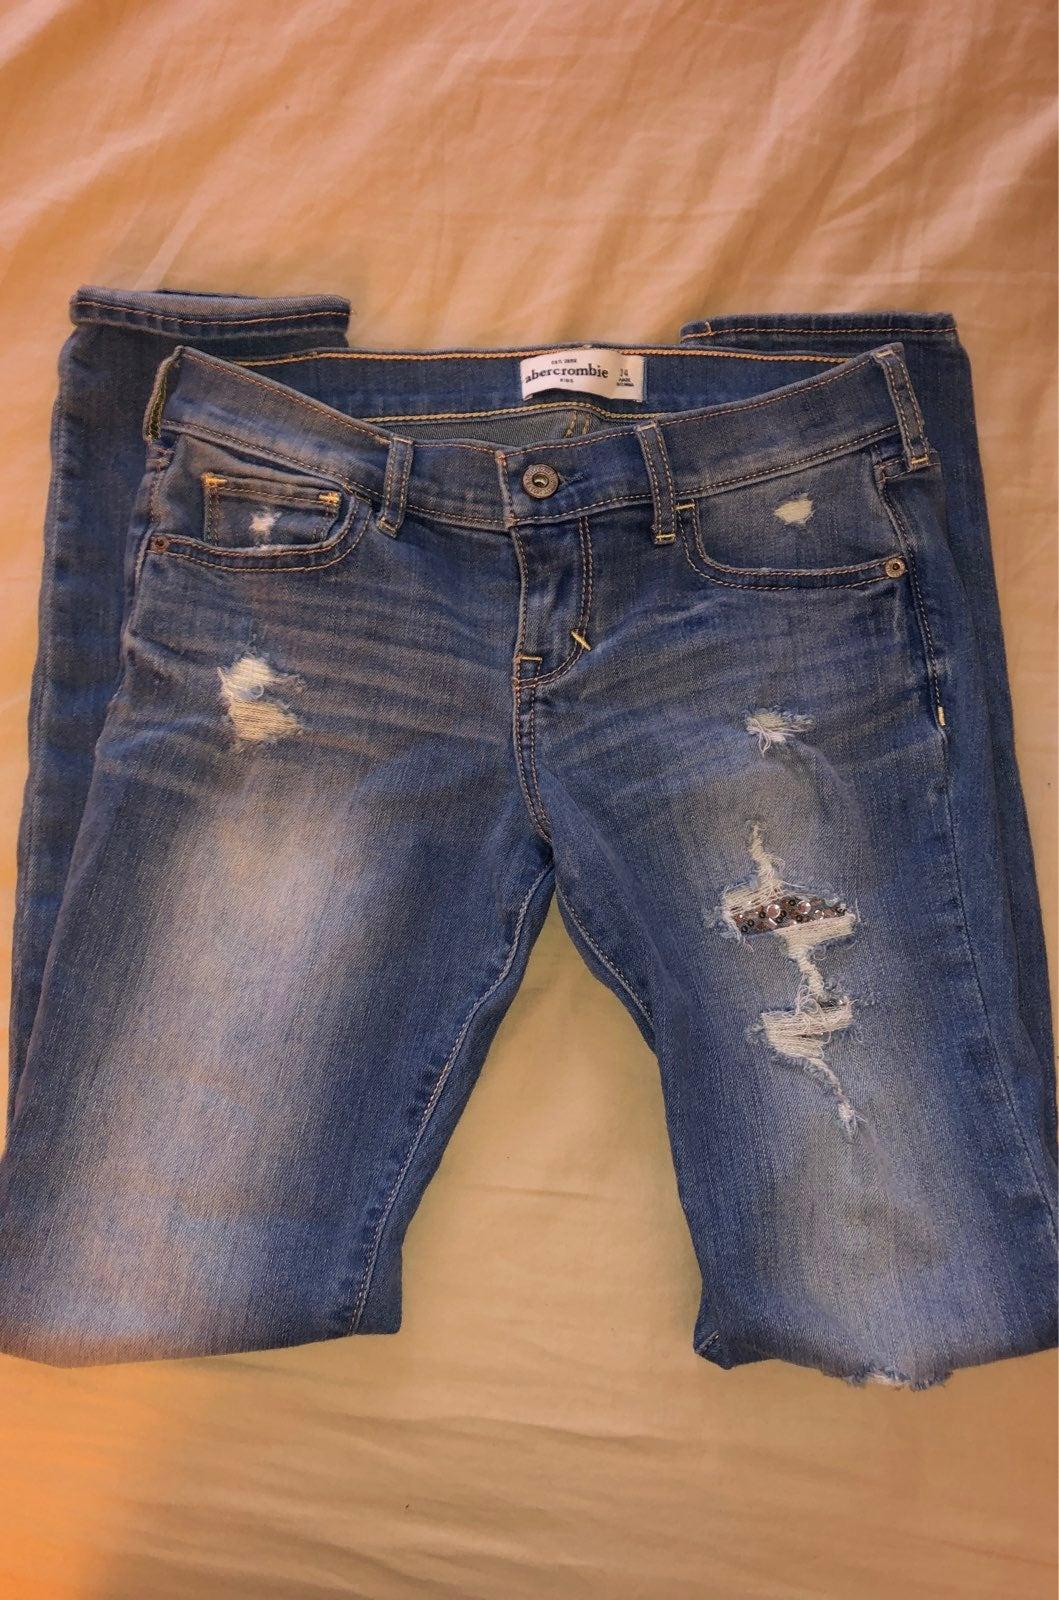 Abercrombie kids jeans sz 14